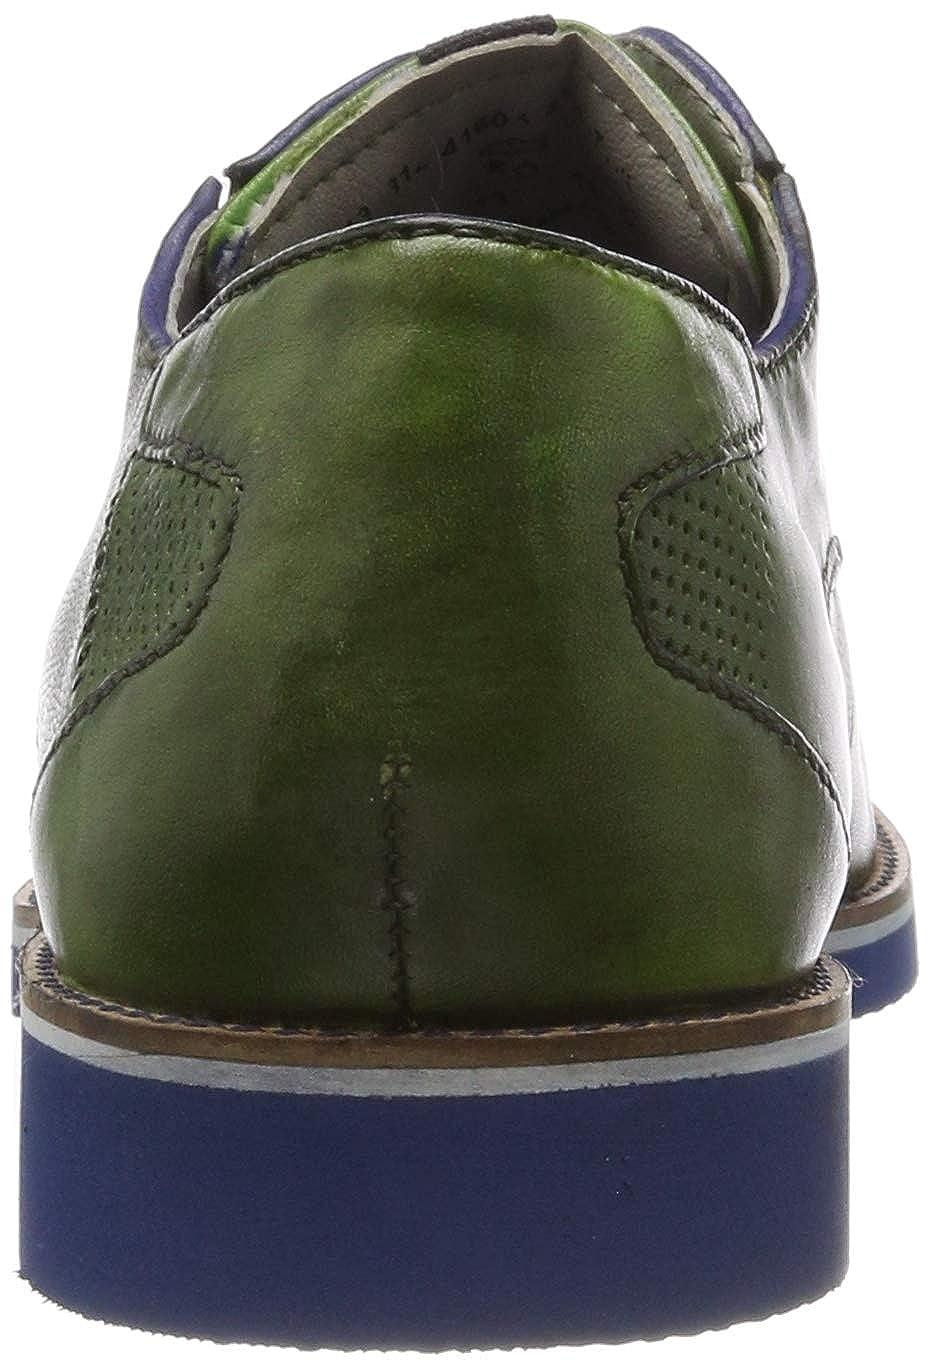 Zapatos de Cordones Derby para Hombre Bugatti 3.12416e+11